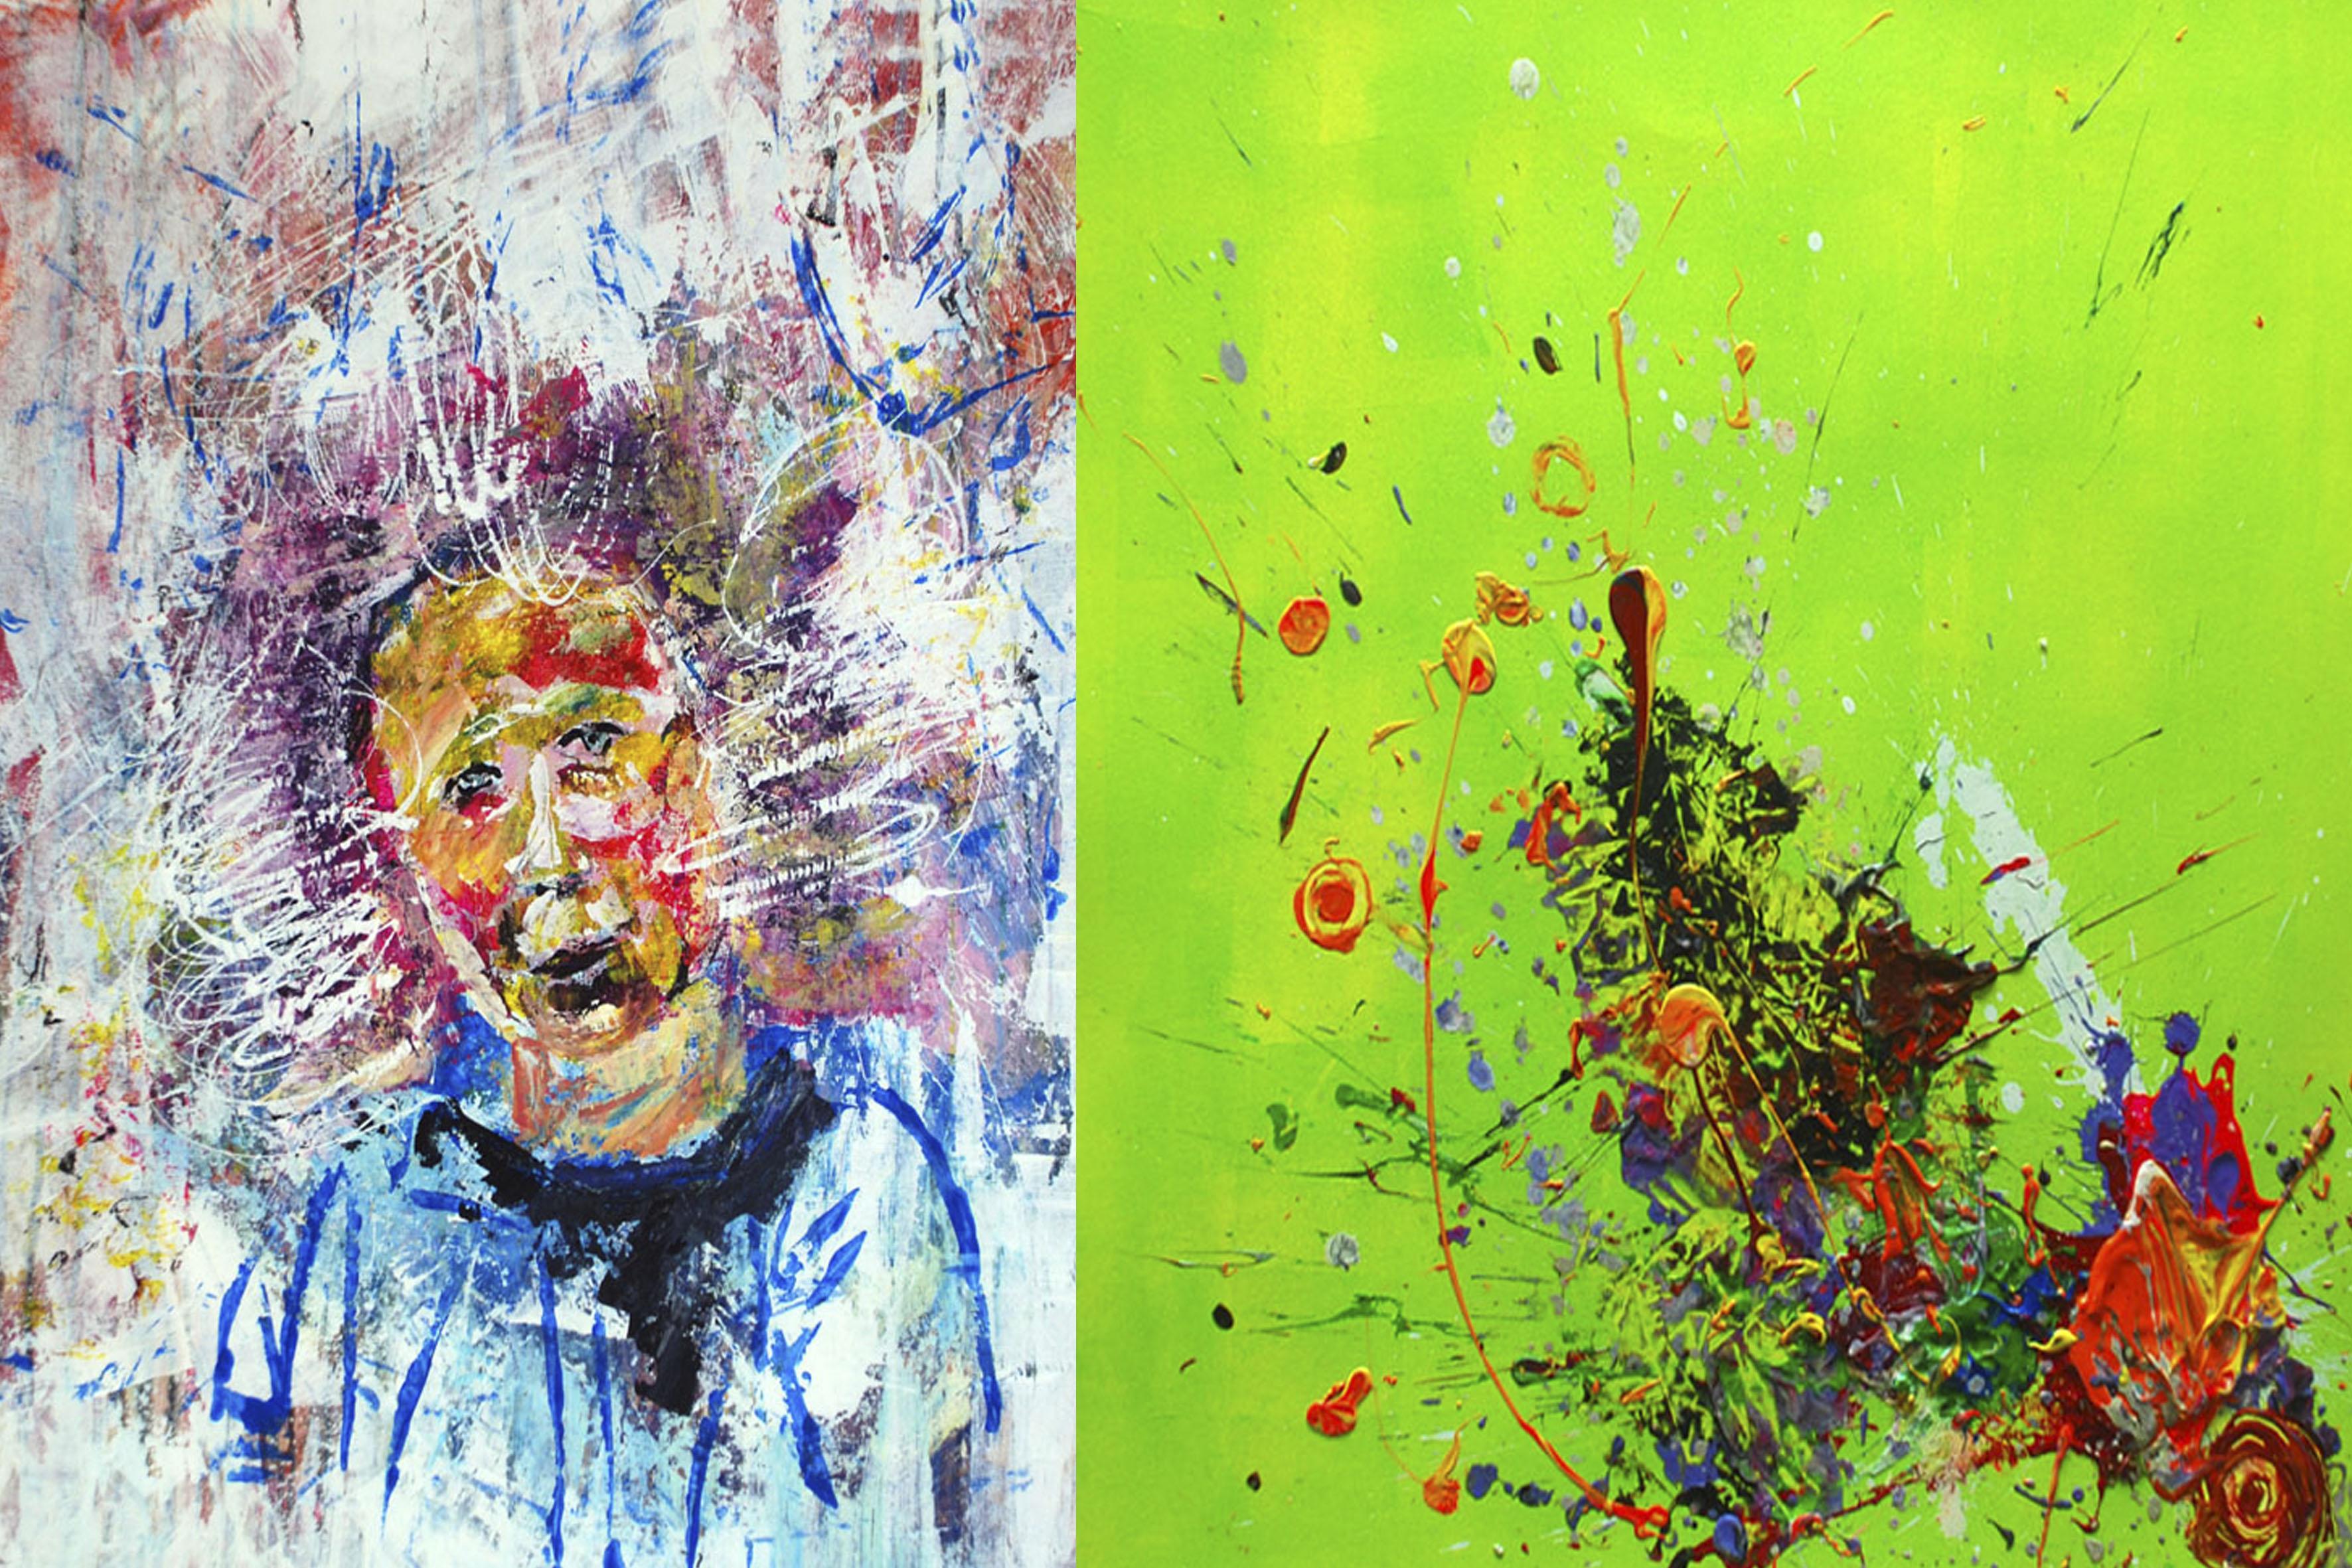 Pintura contemporánea: Juegos pictóricos